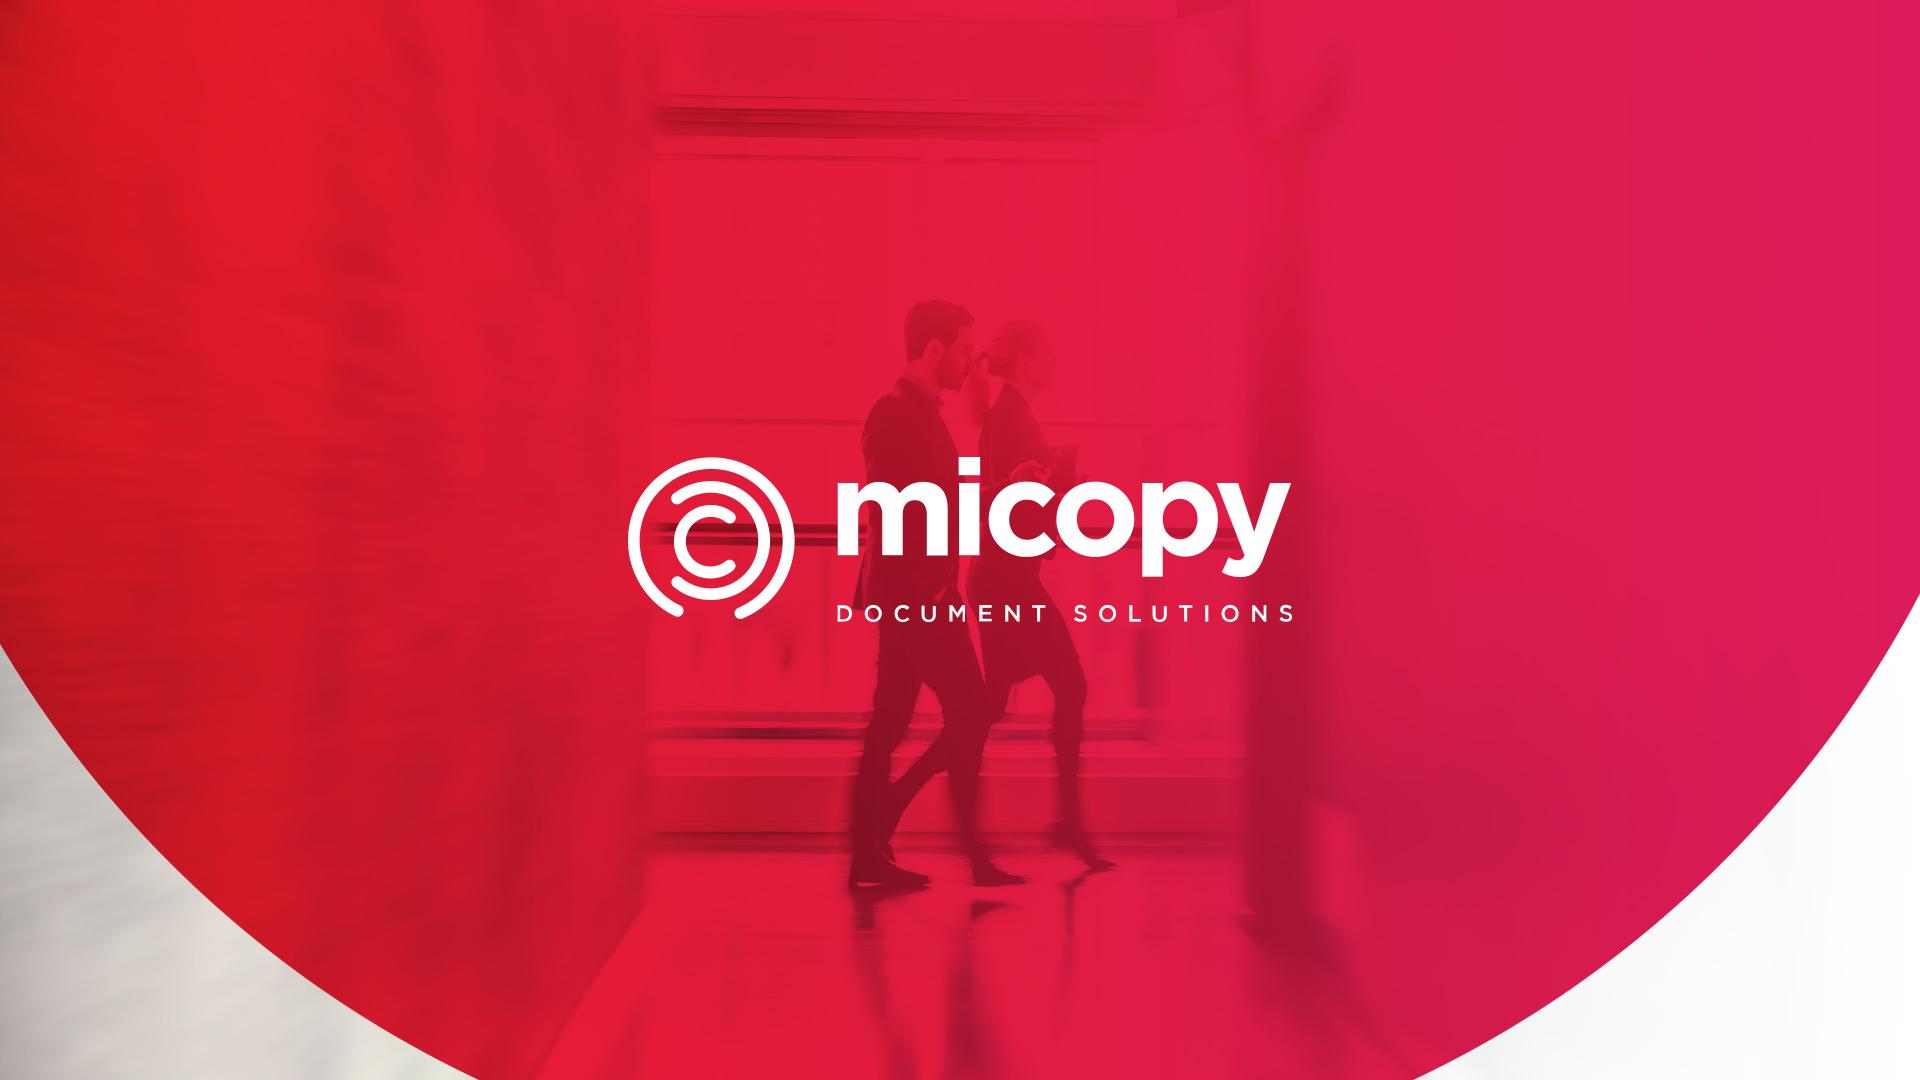 Micopy